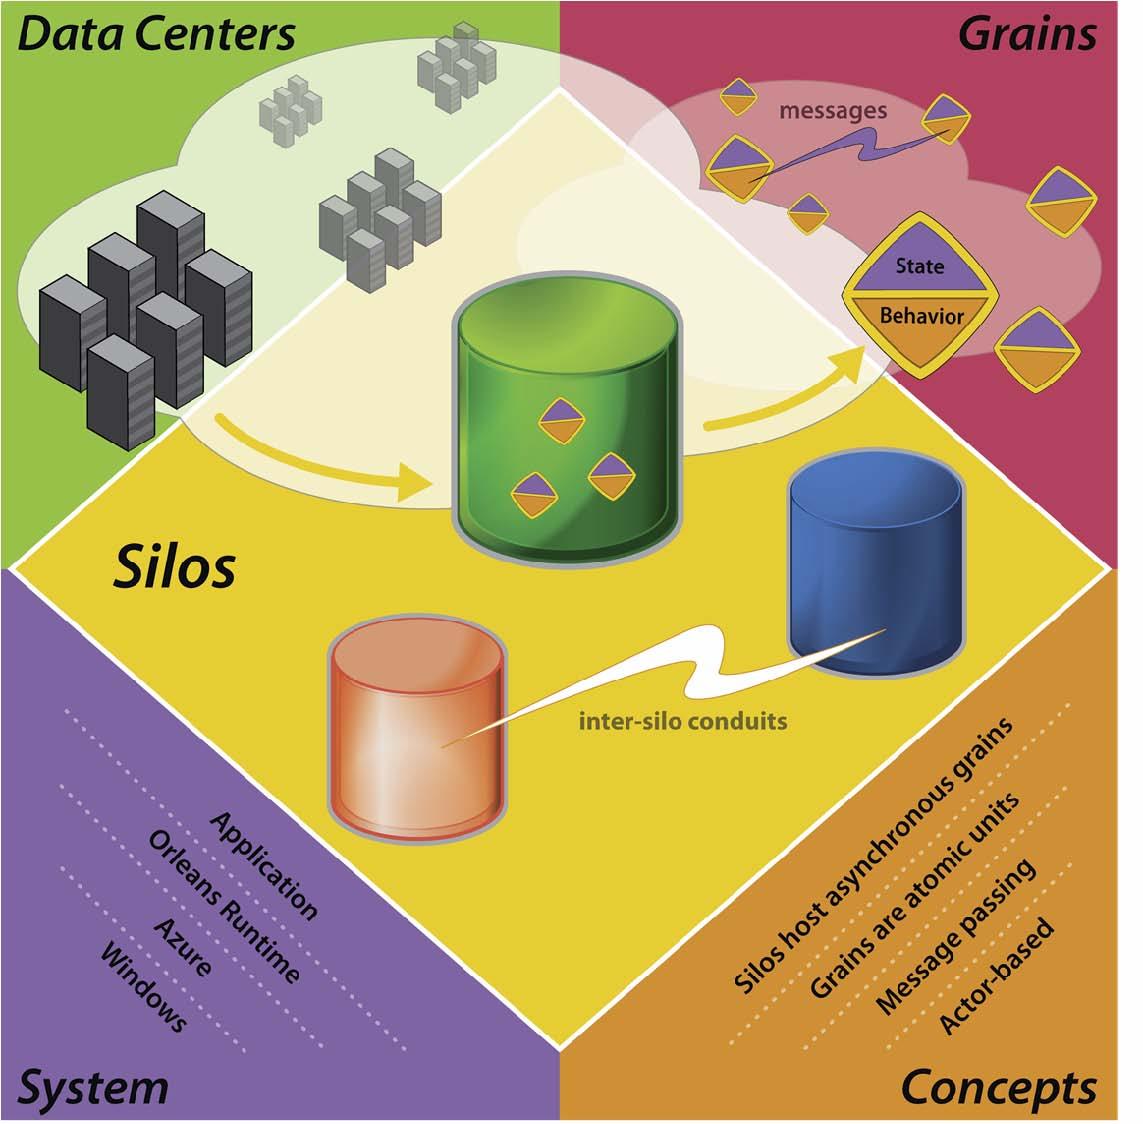 96 微软奥尔良计划(Orleans)云计算框架开源